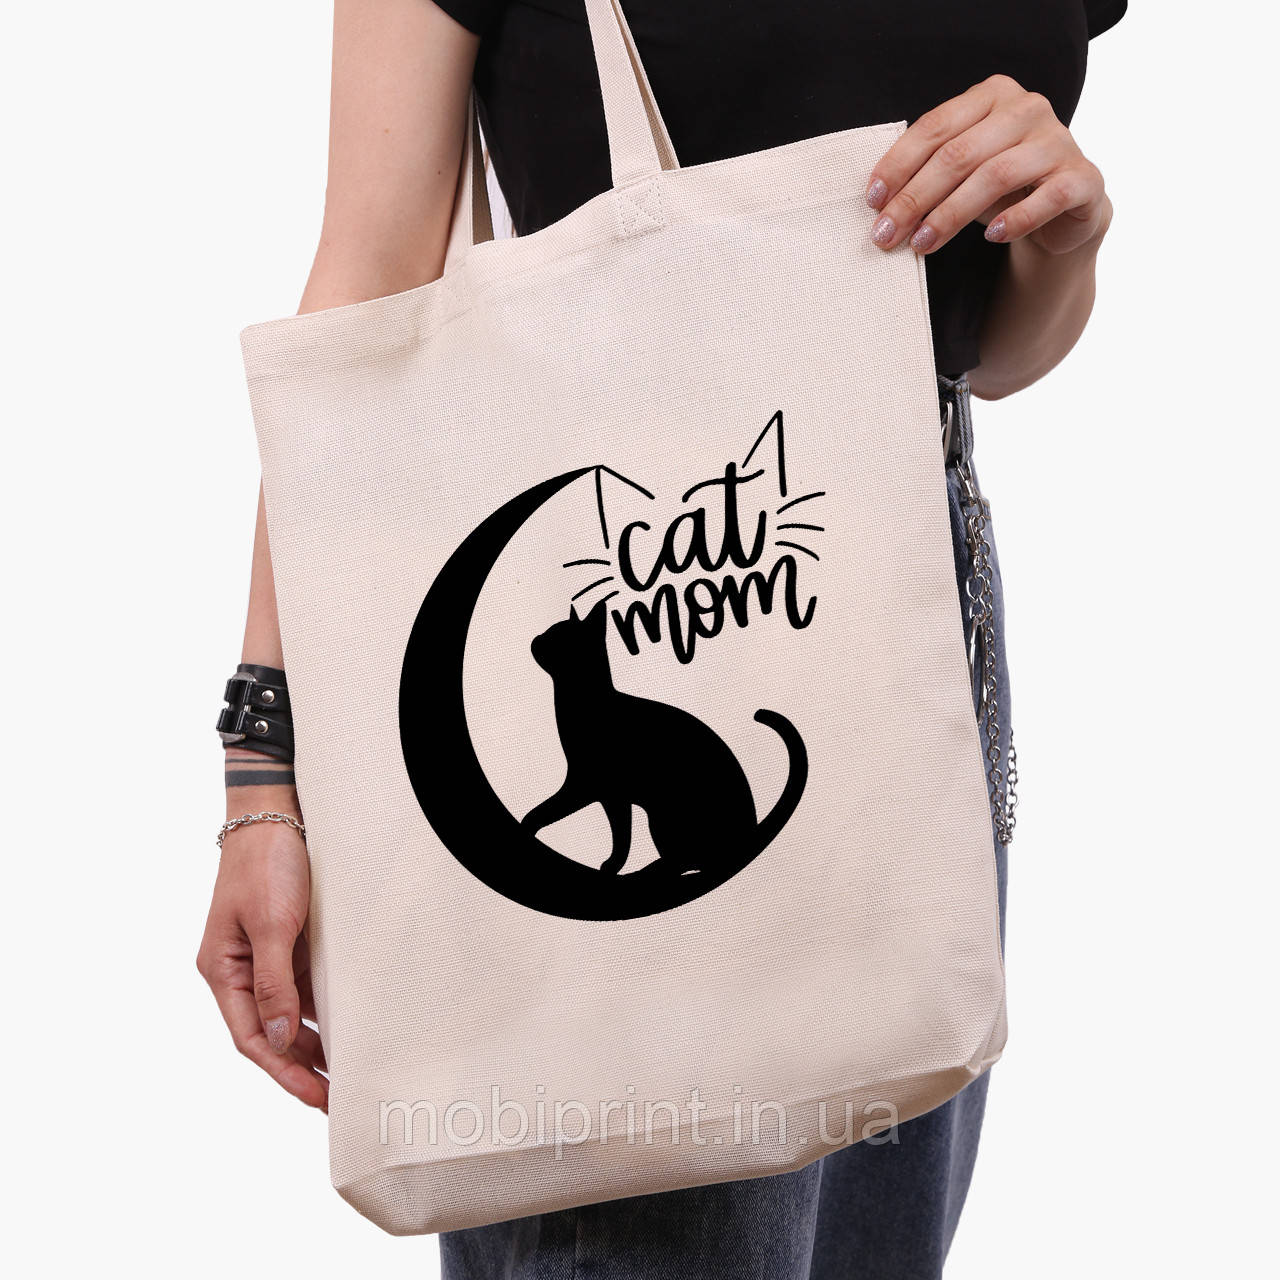 Эко сумка шоппер белая Cat Mom (9227-2845-1)  41*39*8 см